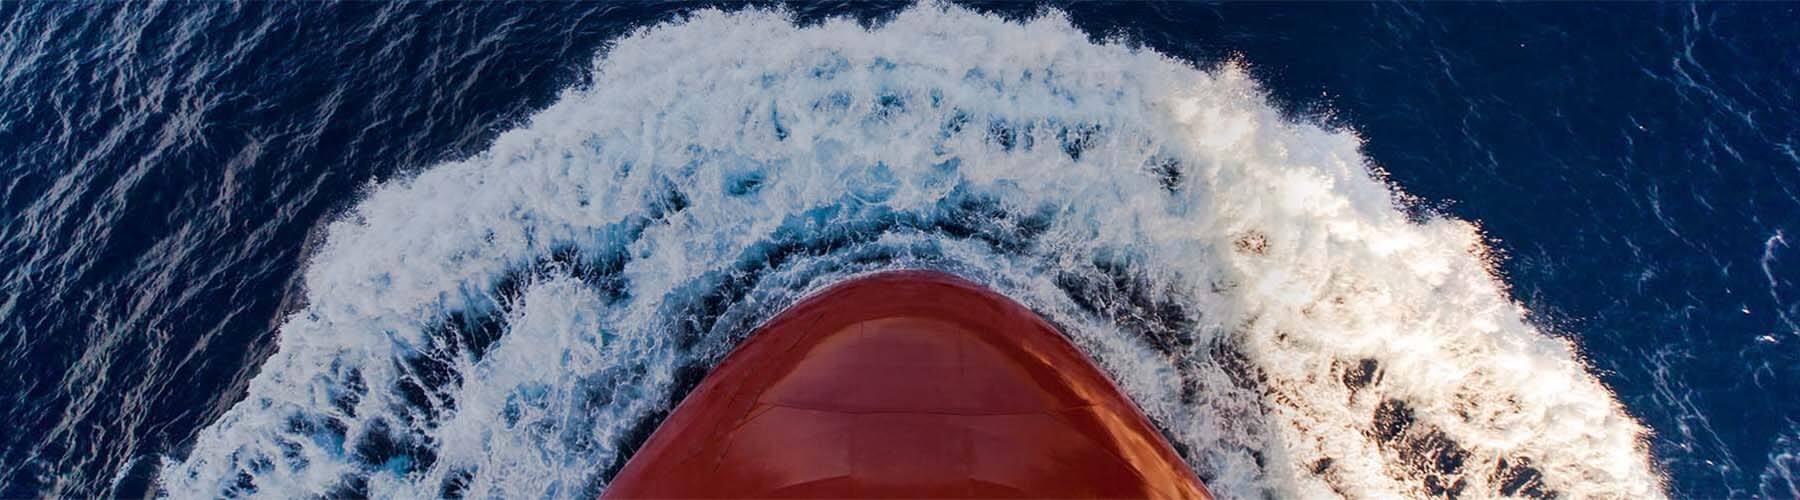 La poupe d'un navire marchand crée une vague en s'avançant sur l'océan.